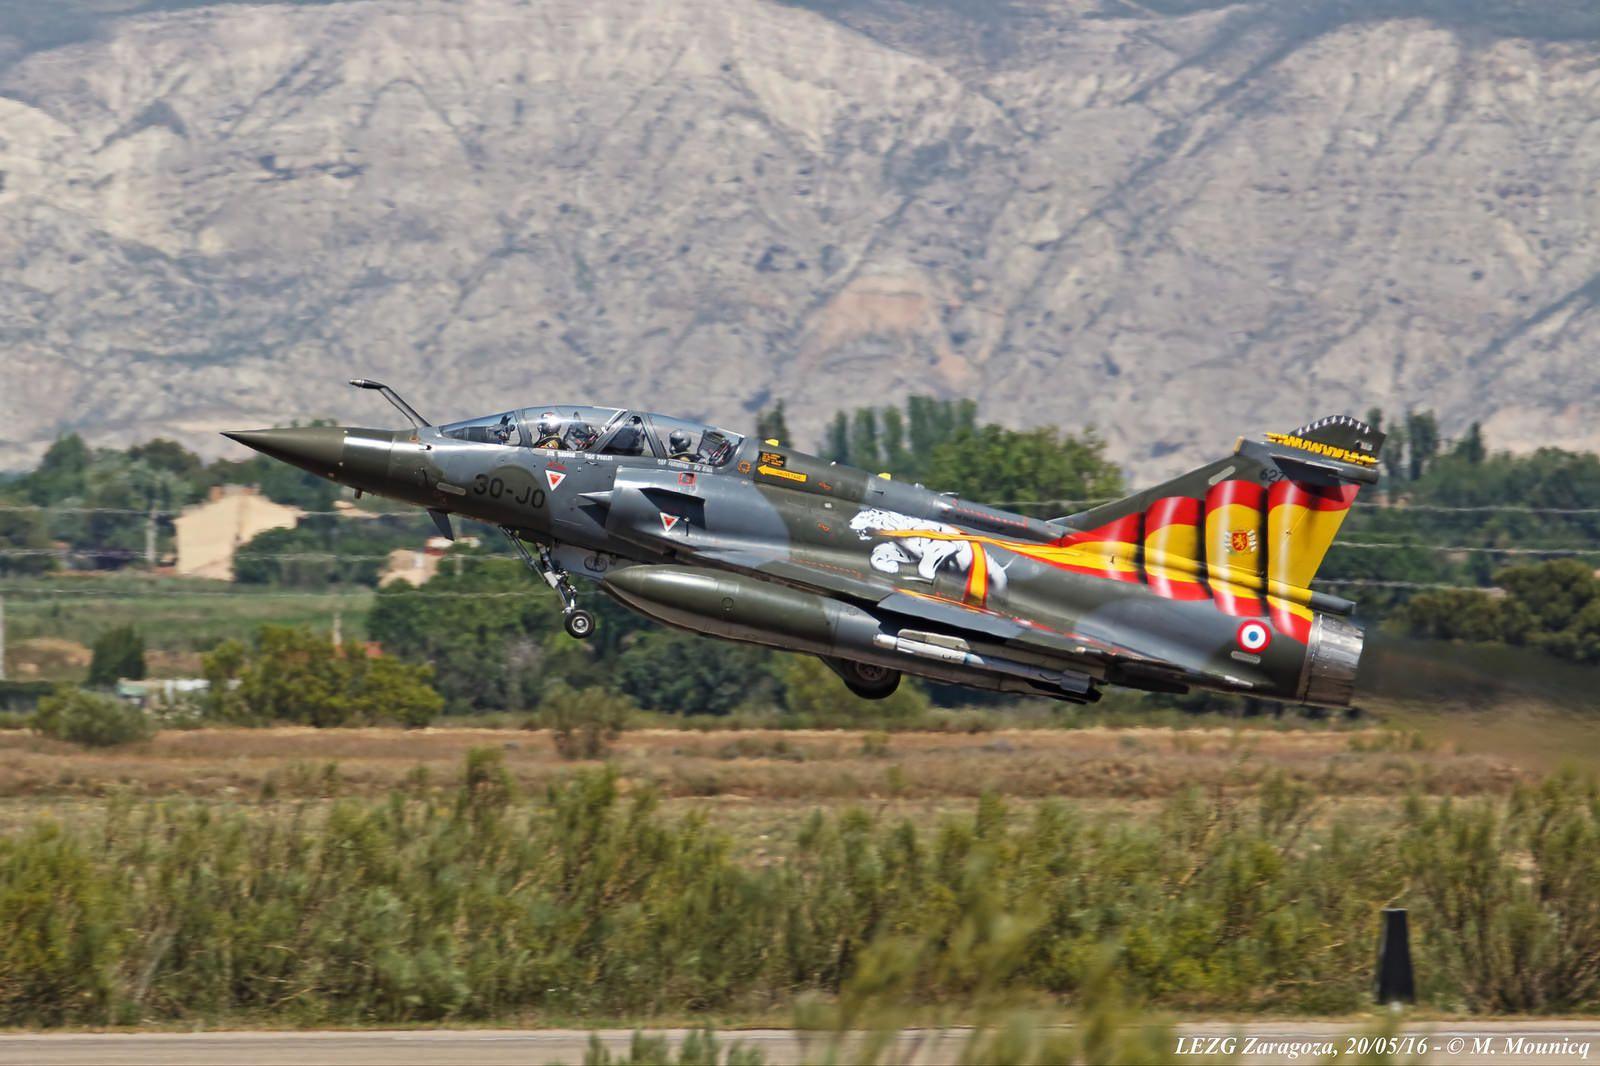 Décollage du 2000D décoré, en hommage aux neuf aviateurs français décédés dans le crash d'Albacete.